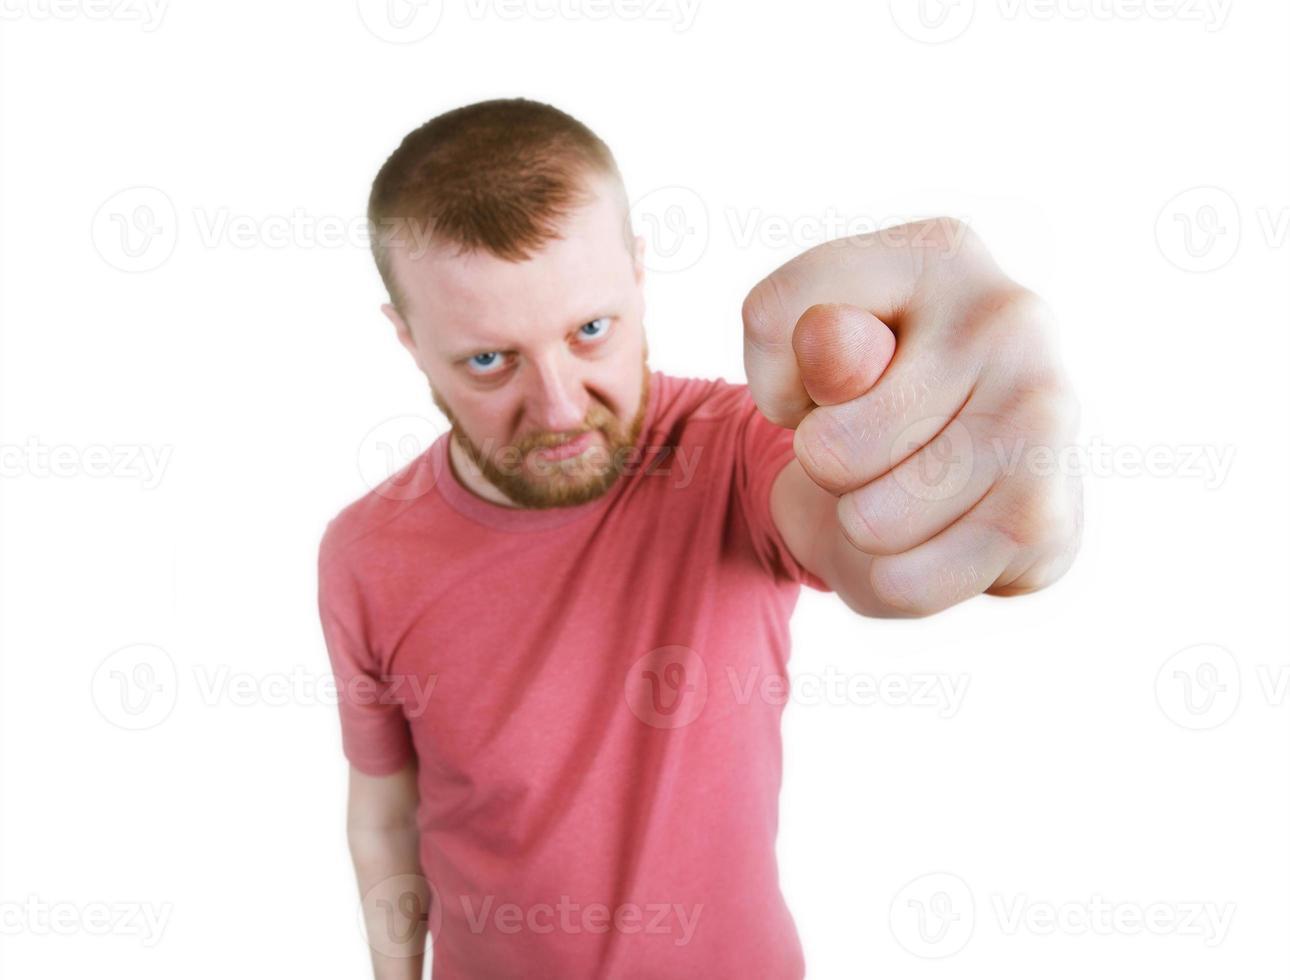 homme barbu en colère illustré fig photo